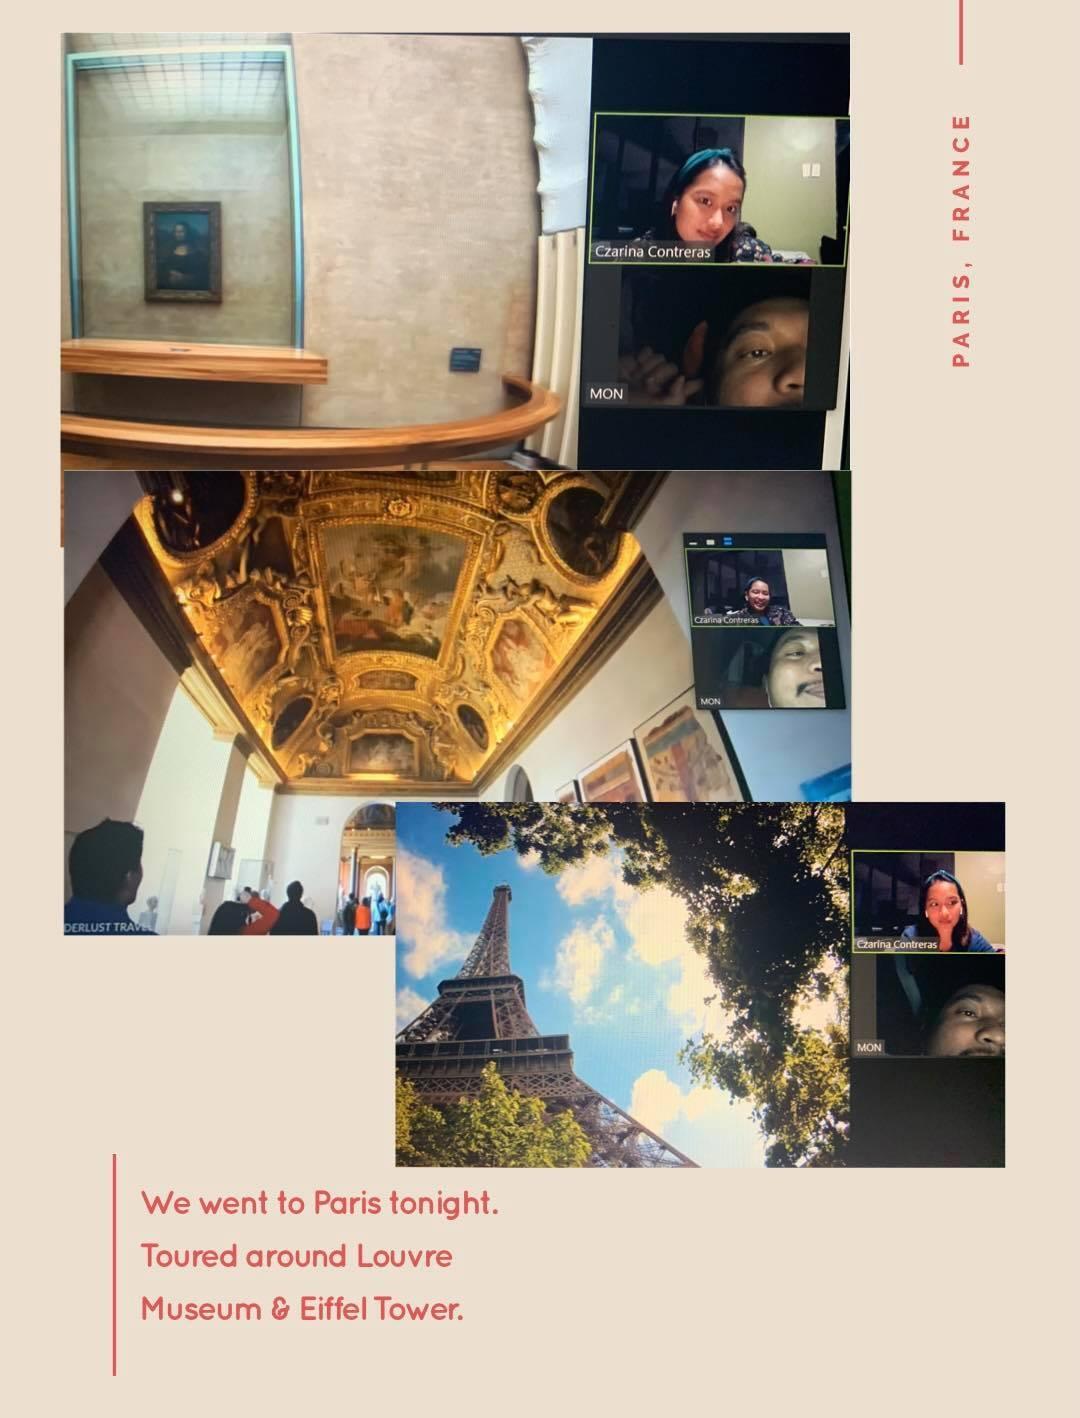 Couple taking a virtual tour to Paris